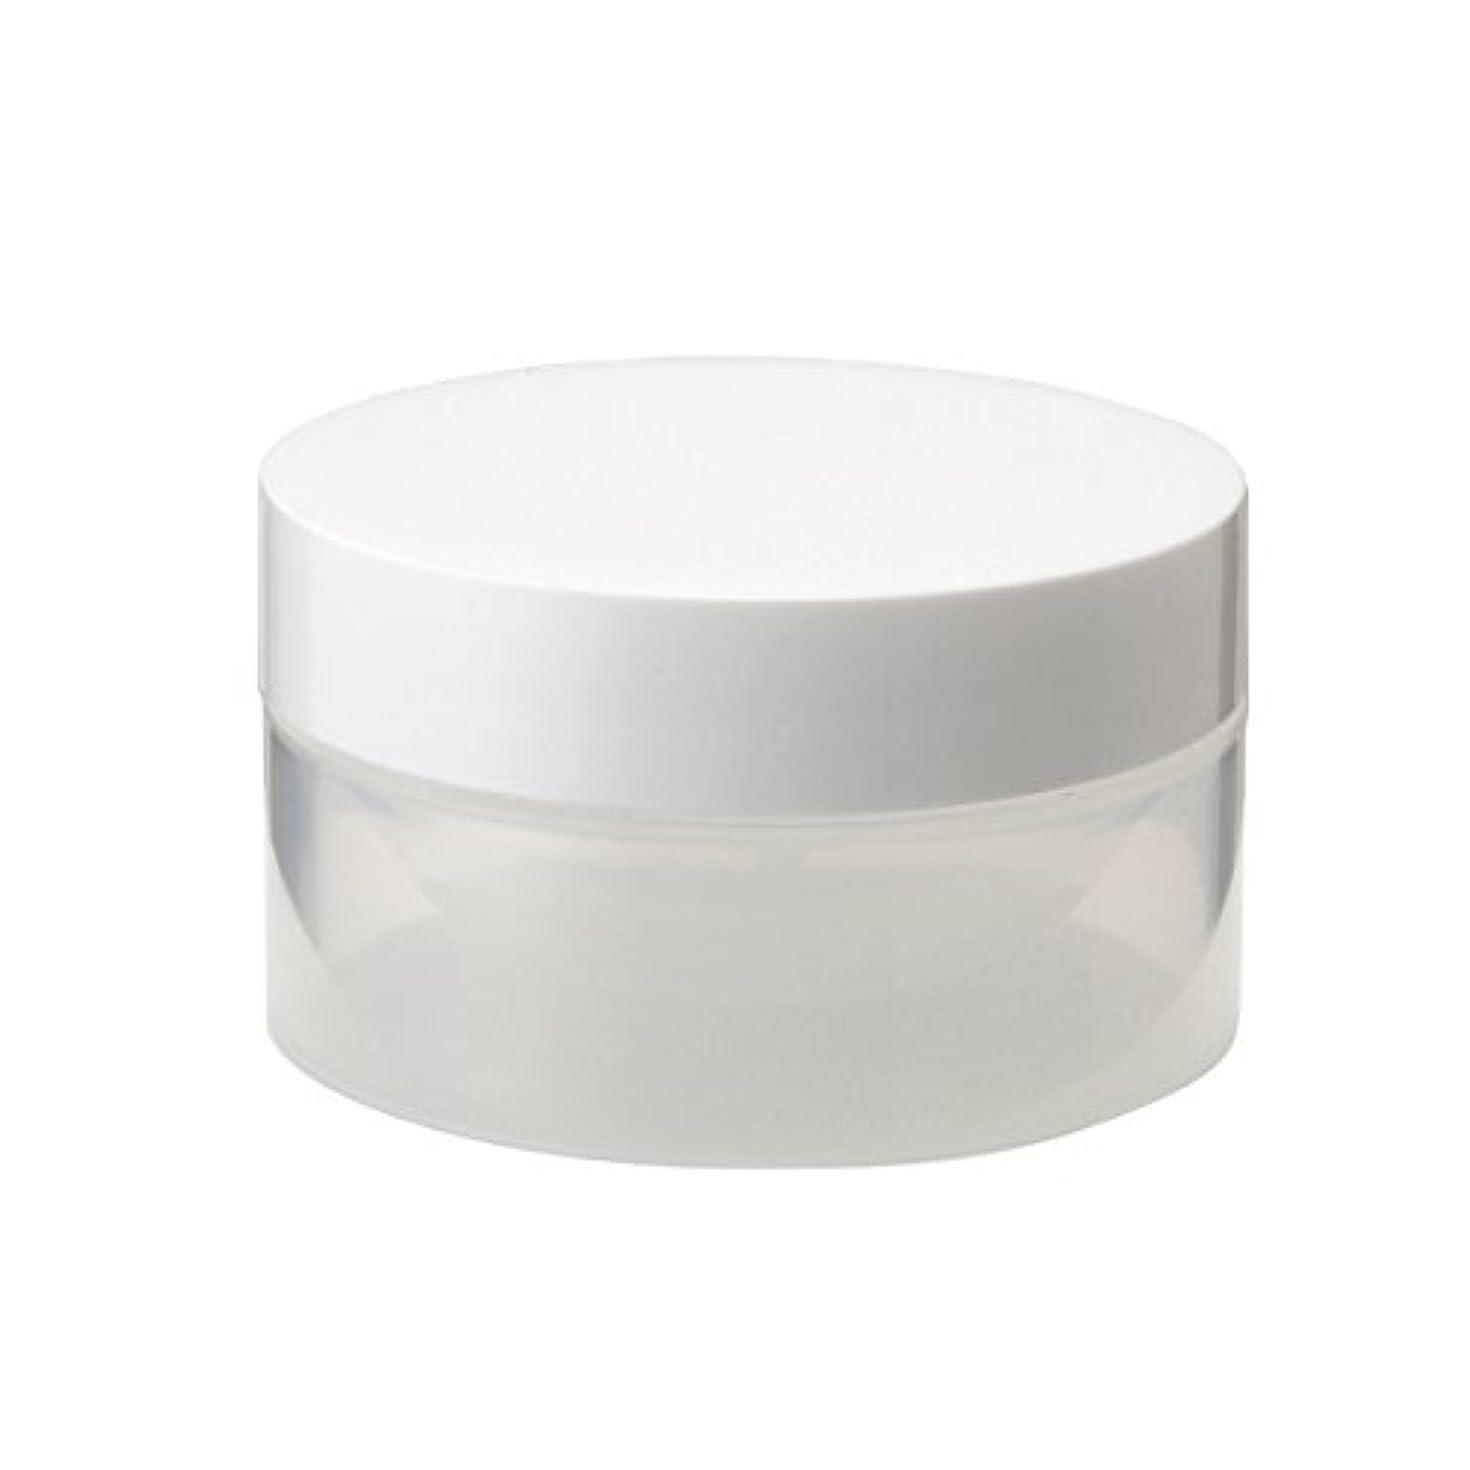 余剰フォアタイプメディアクリーム容器 10g (プラスチック) [ クリームジャー クリームケース クリーム用容器 化粧品容器 空容器 小分け容器 キャップ付き 小分け 詰替え クリーム ケース ボトル 容器 ]